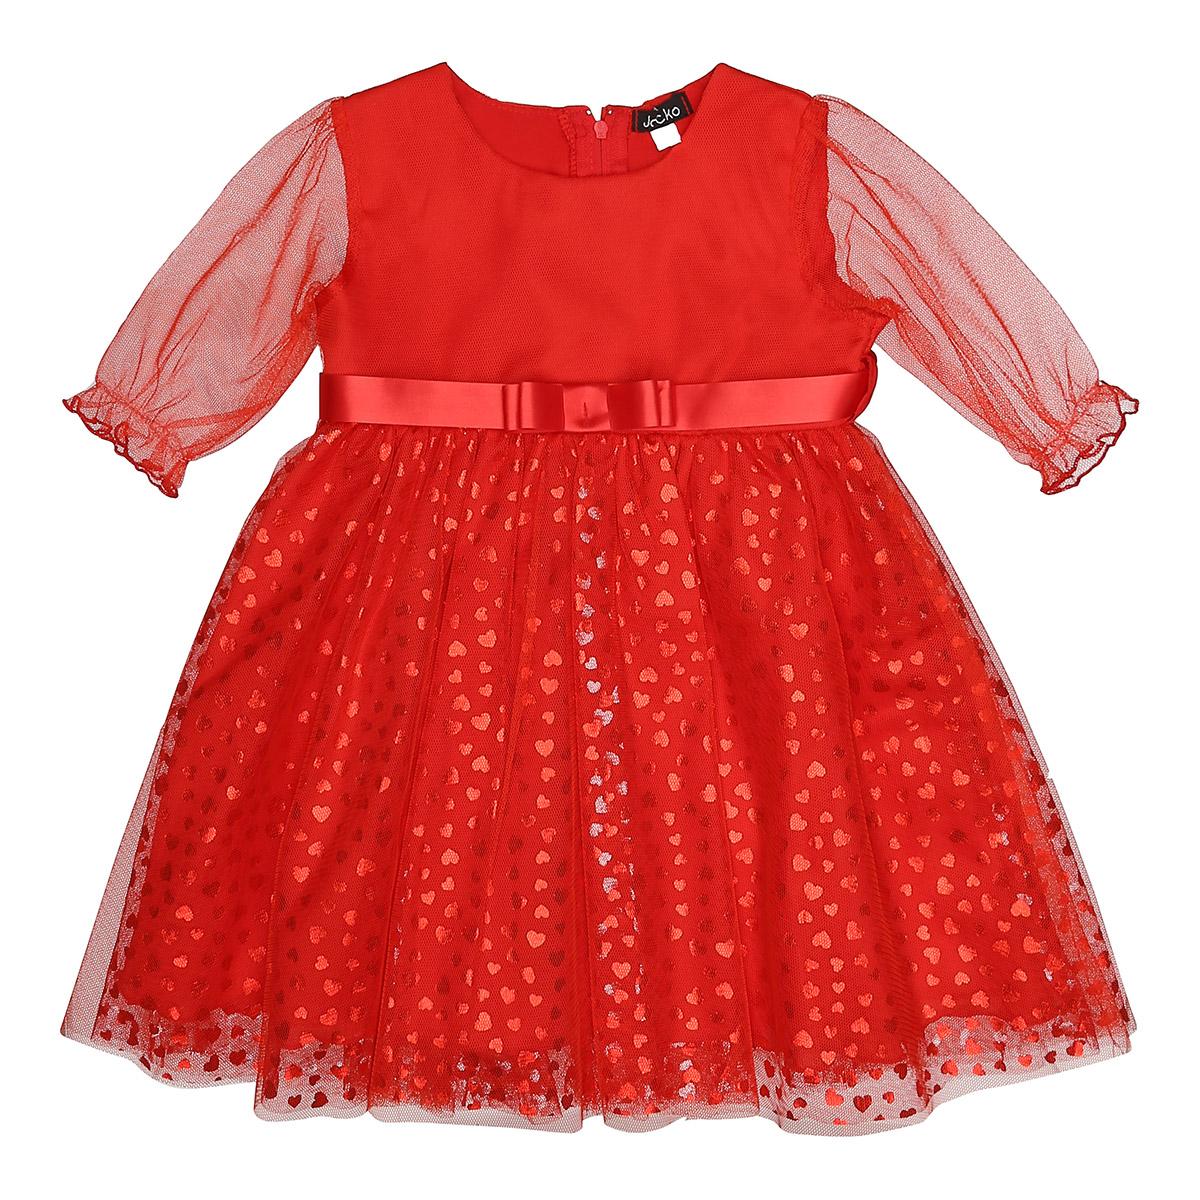 3cfb32e631d0 Art. 14021 baby jule kjole med blanke hjerte og tyl. Rød